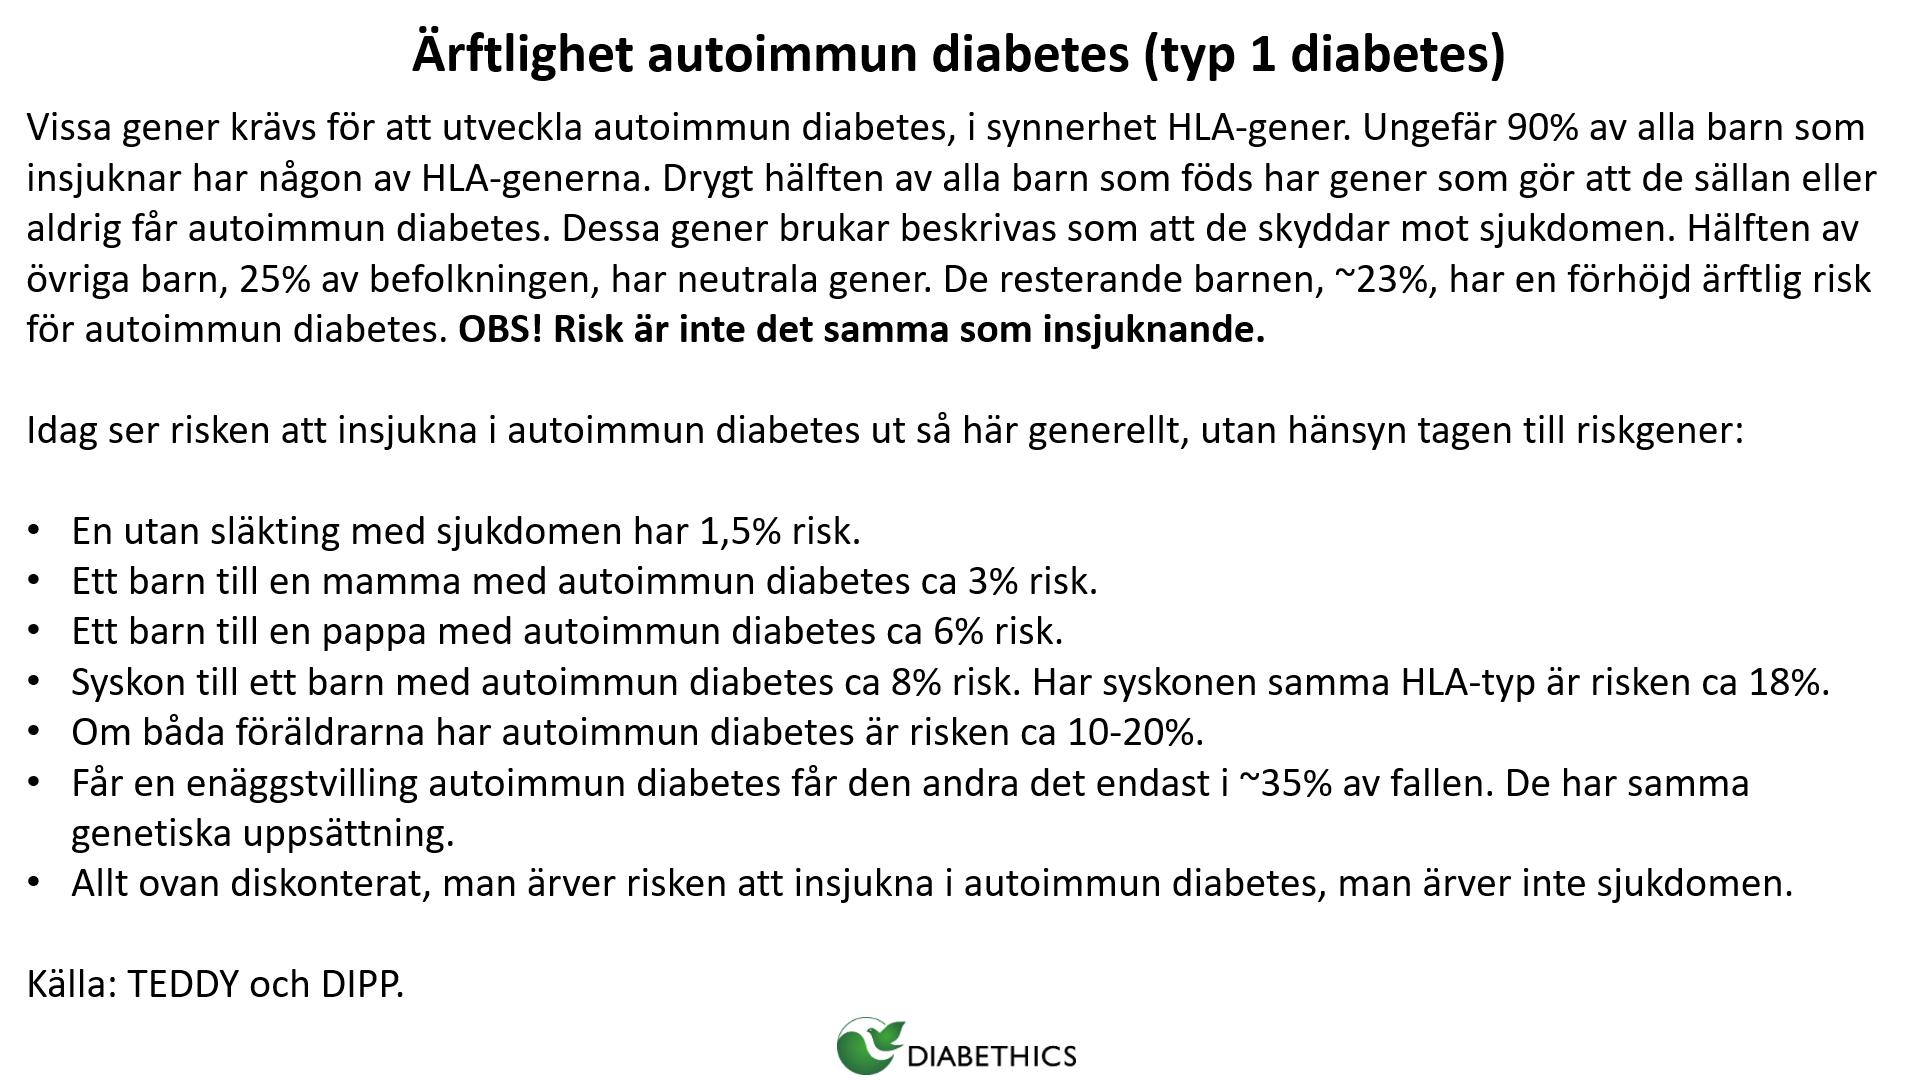 diabetes en tándem de sprunget